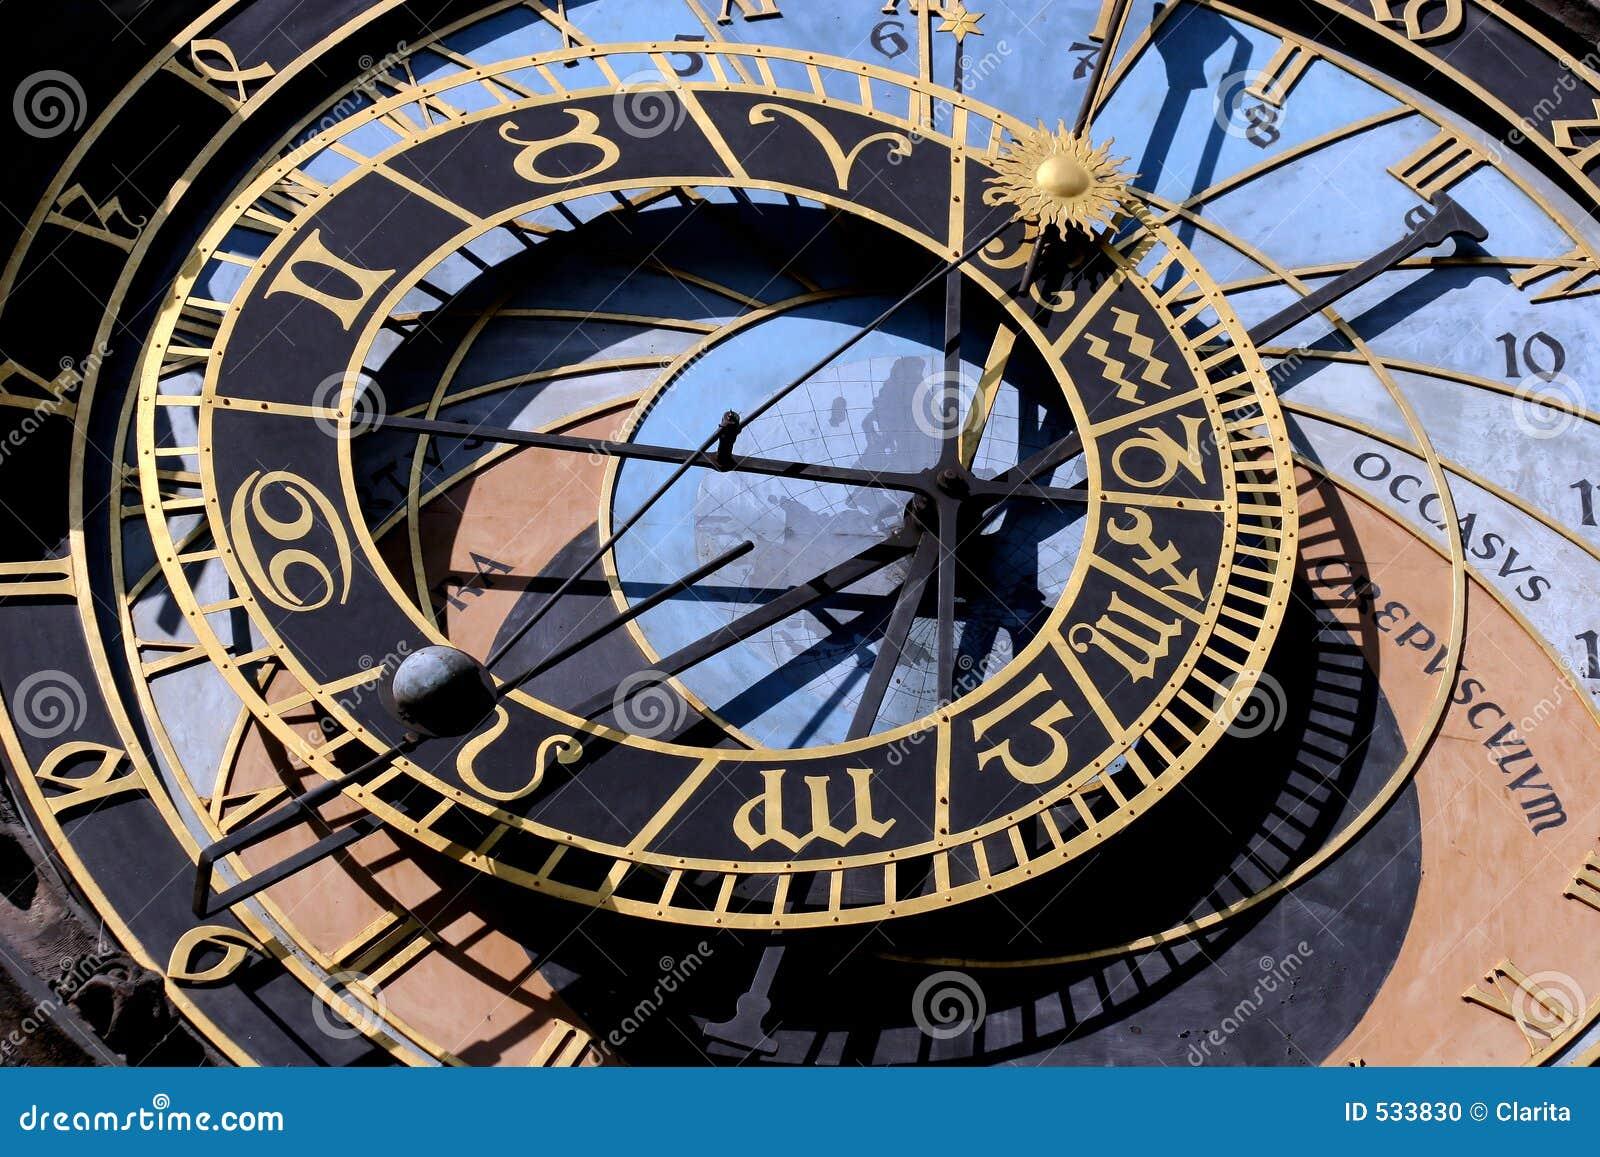 Download 占星术时钟 库存照片. 图片 包括有 策略, 关闭, 能源, 评定, ataturk, 艺术, 中午, 分钟 - 533830